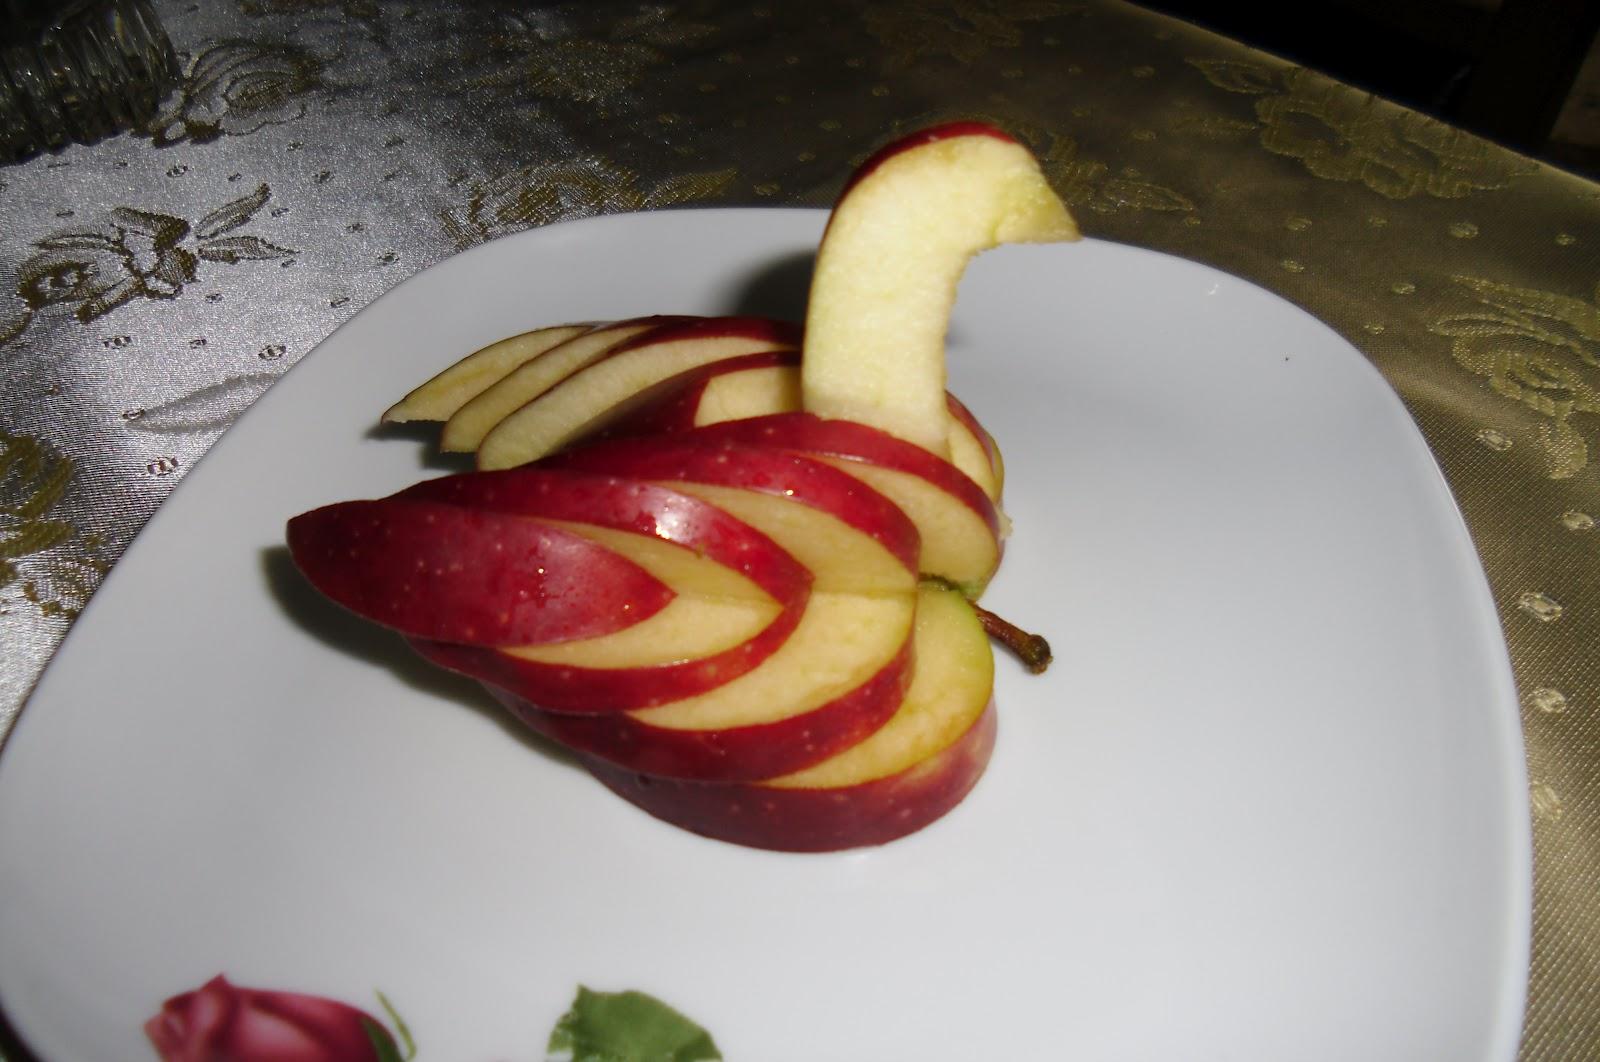 Mutfağımız için güzel doğal malzemeler panelini oluşturun